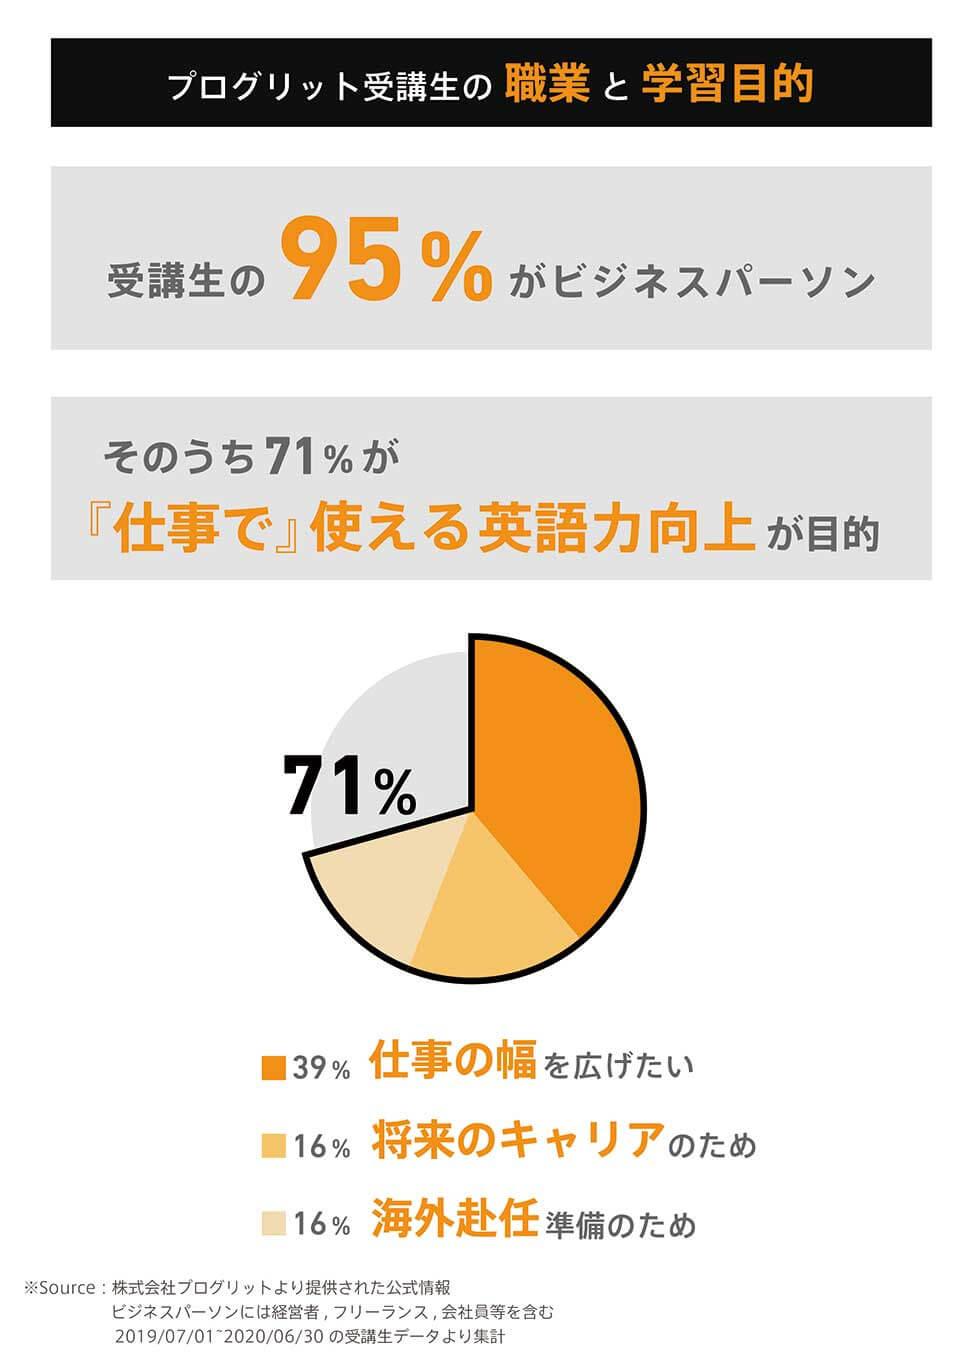 プログリット受講生の95%がビジネスパーソンであり、そのうち71%が「仕事」で閊える英語力向上を目的としている。